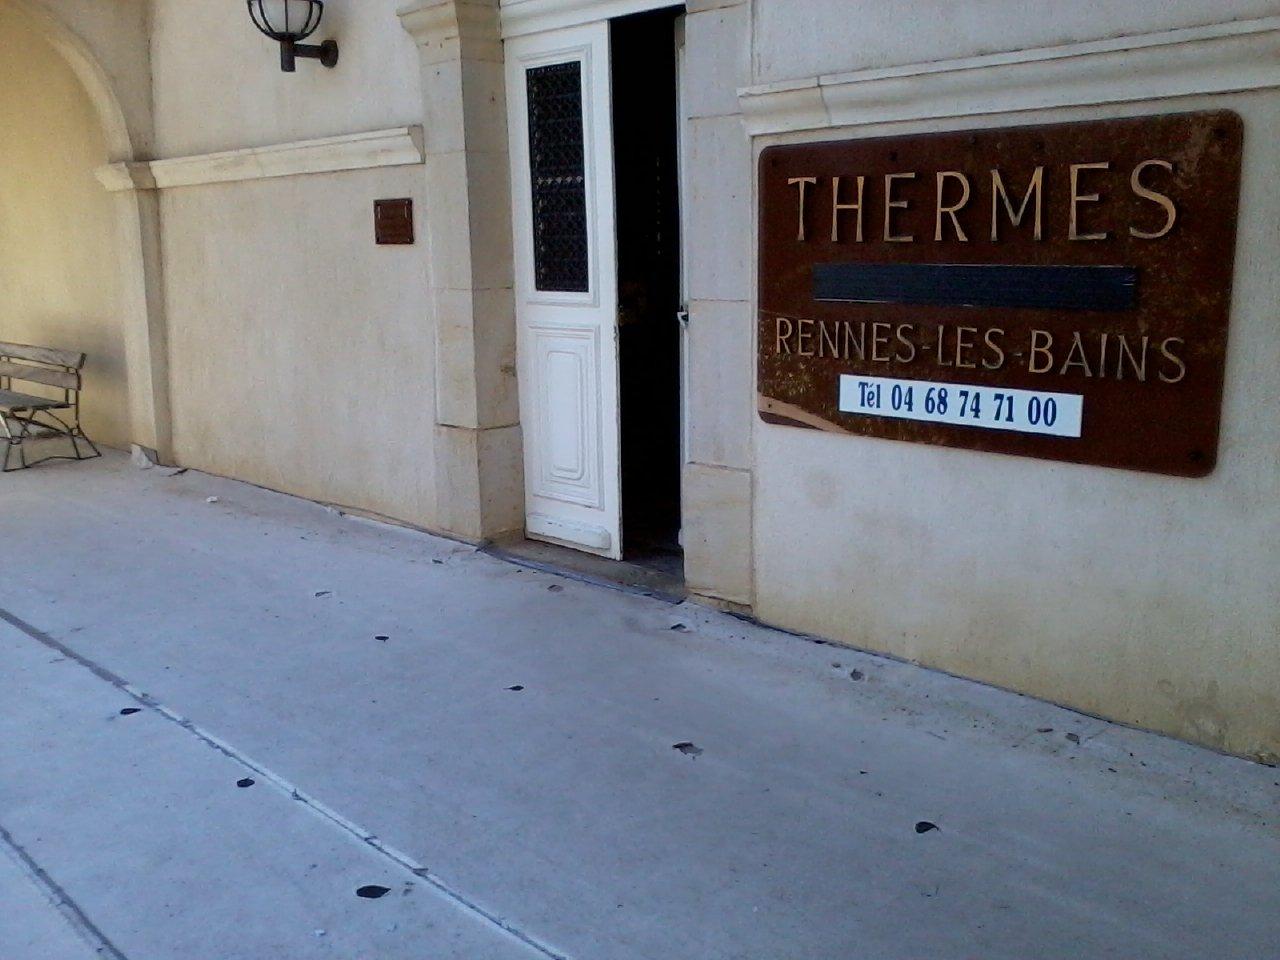 1523-thermes-de-rennes-les-bains-11.jpg